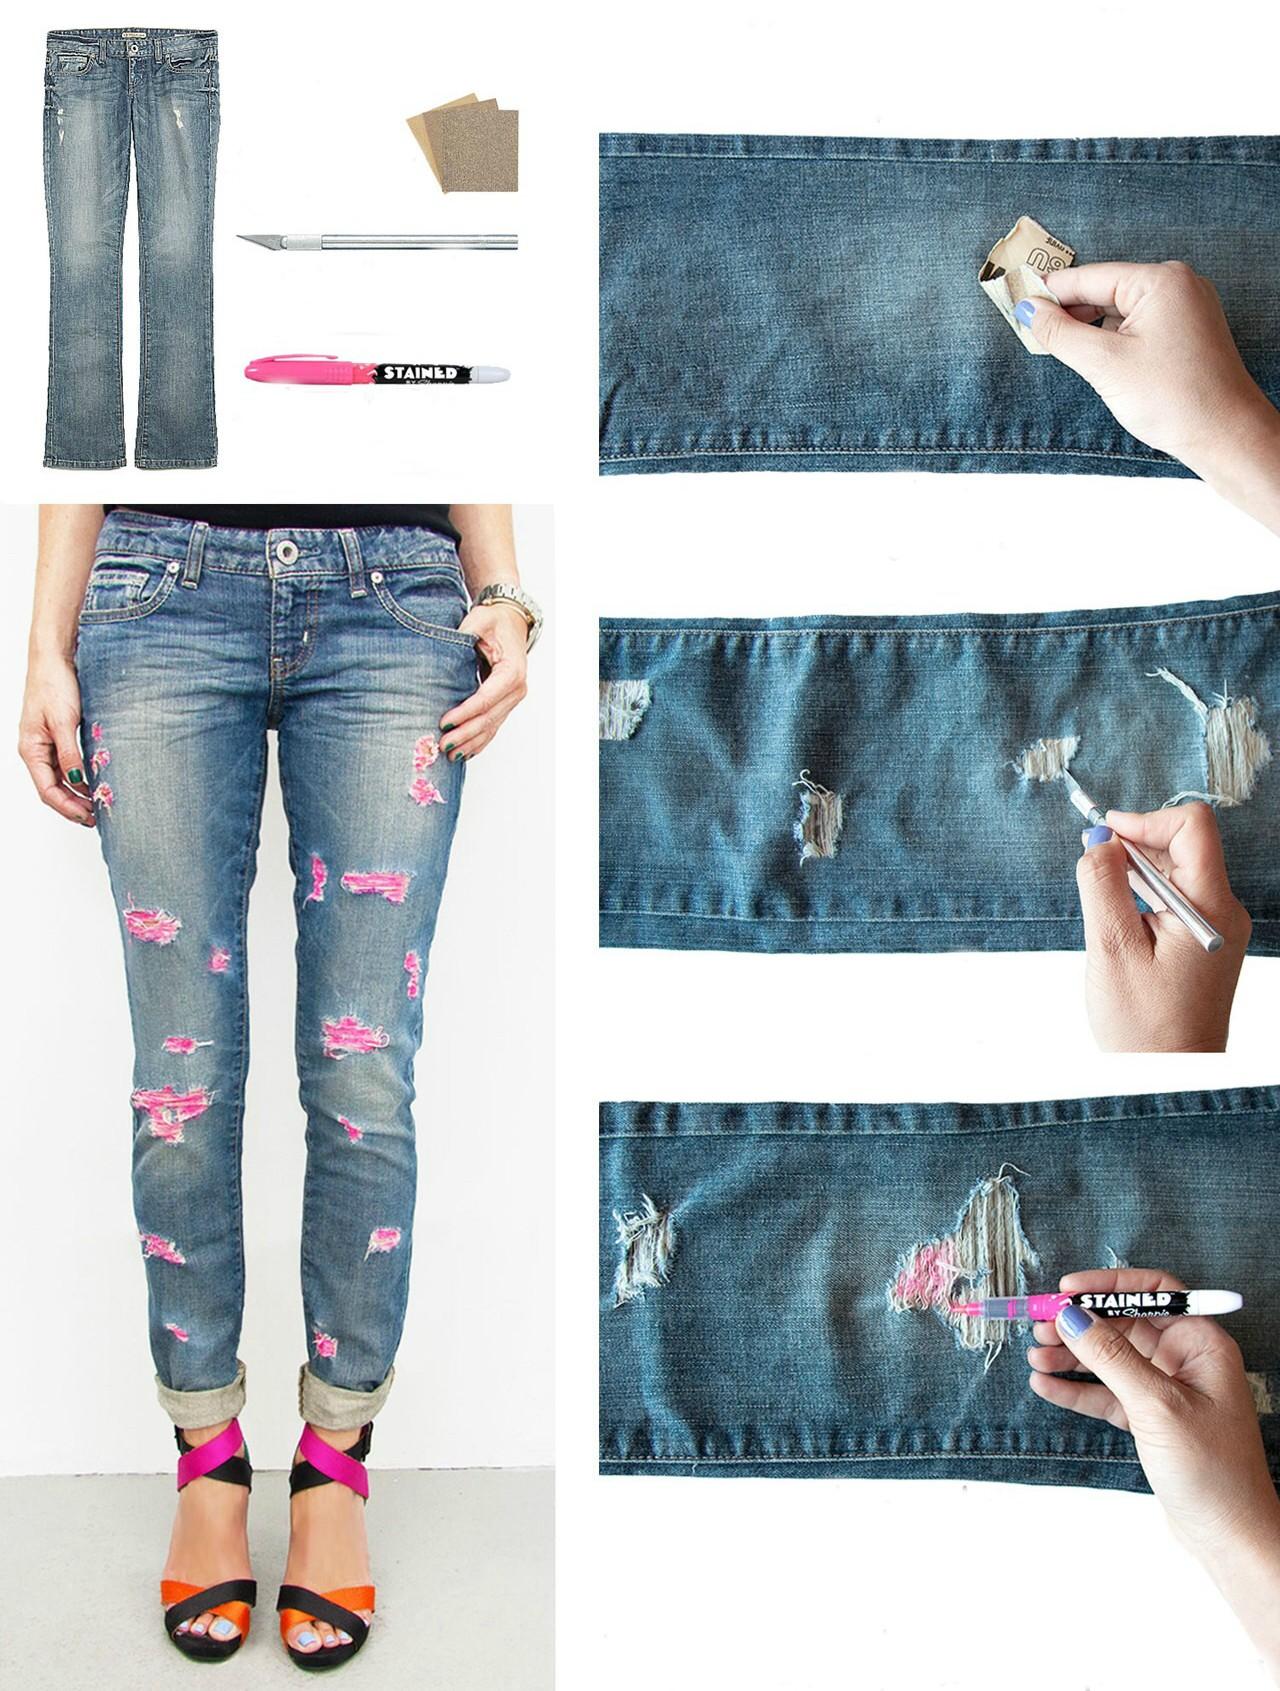 Как сделать маленькие дырки на джинсах своими руками 29